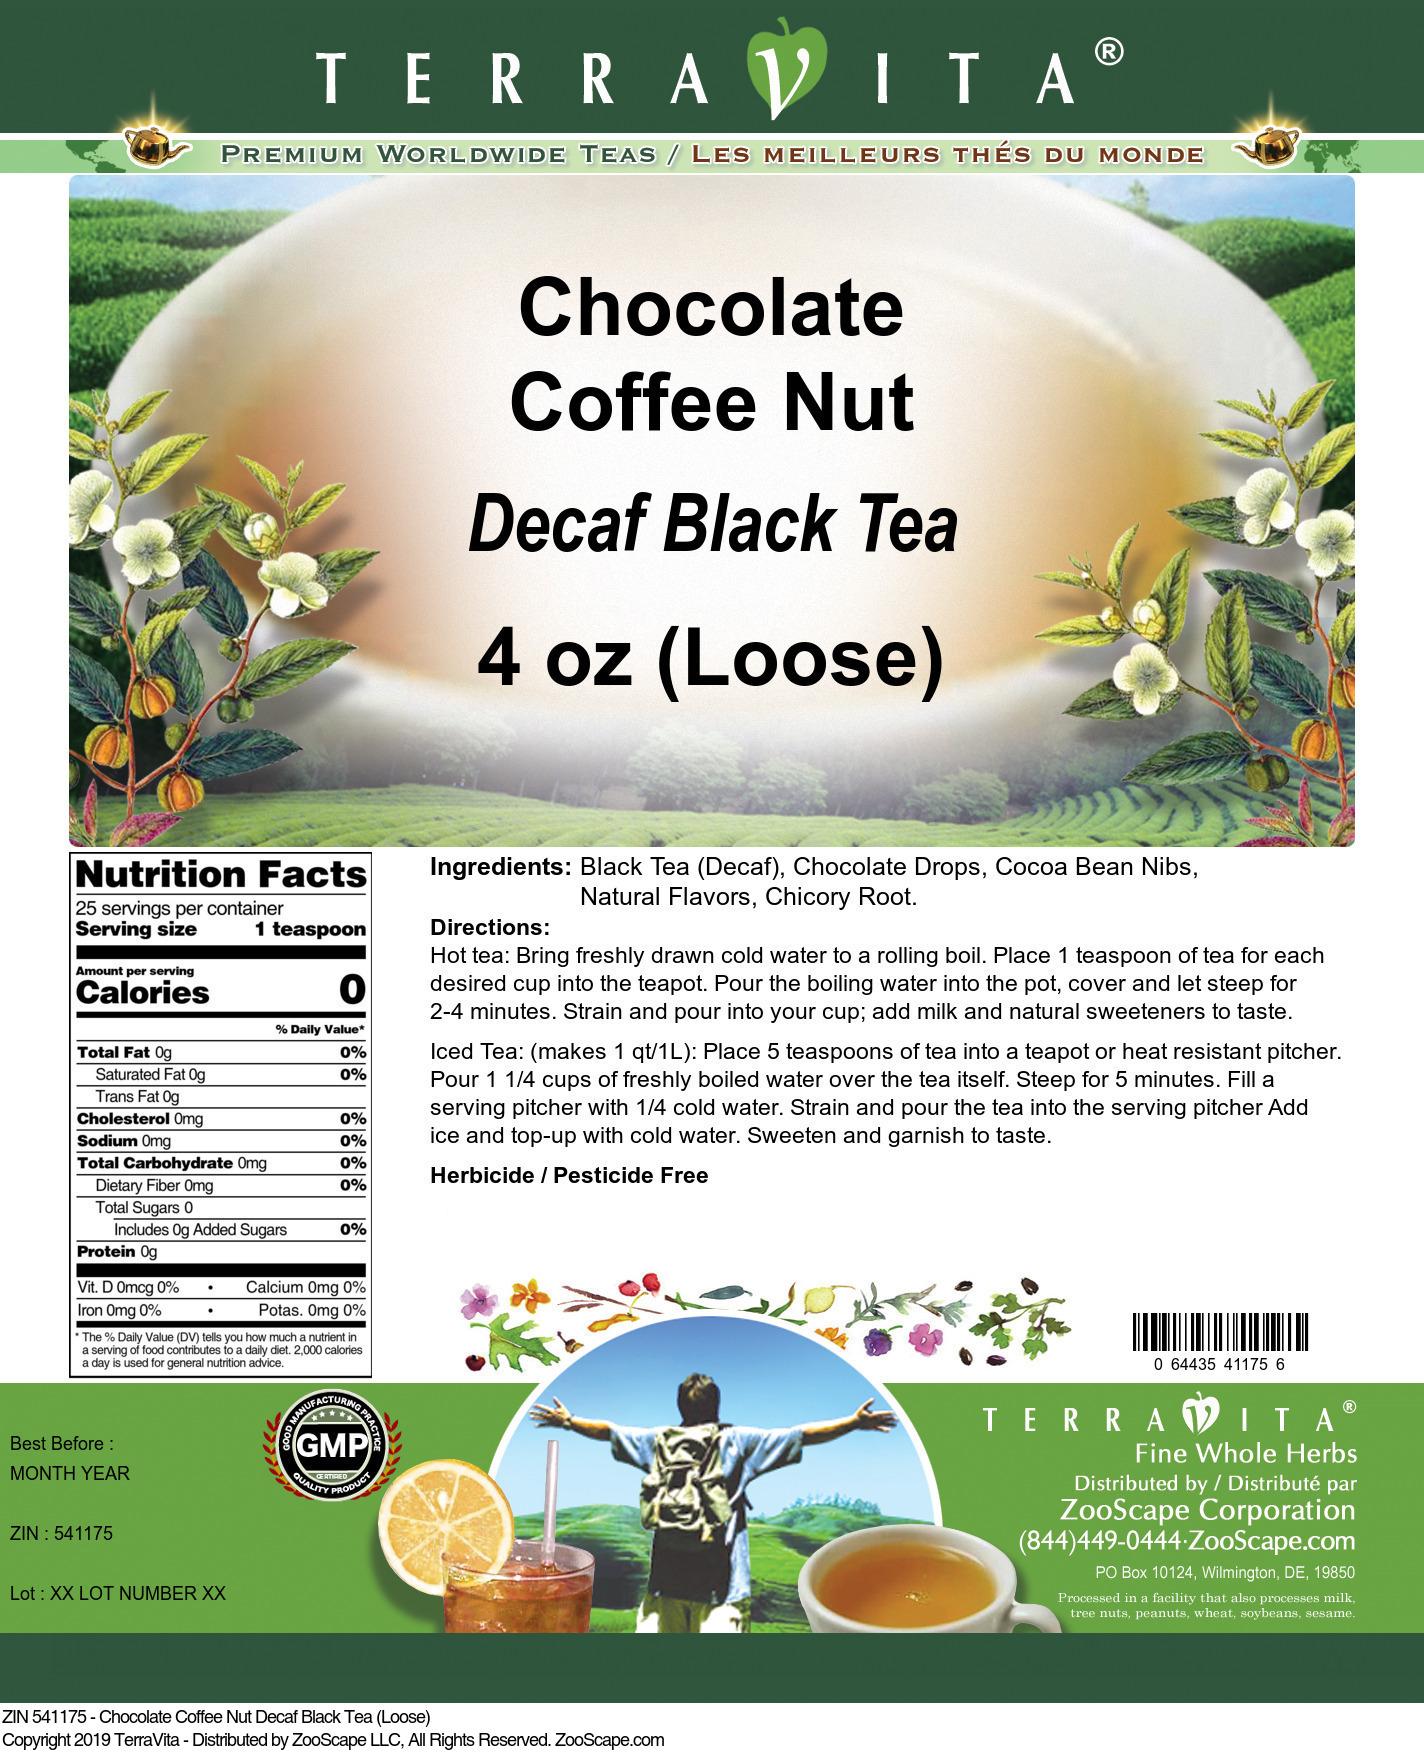 Chocolate Coffee Nut Decaf Black Tea (Loose)